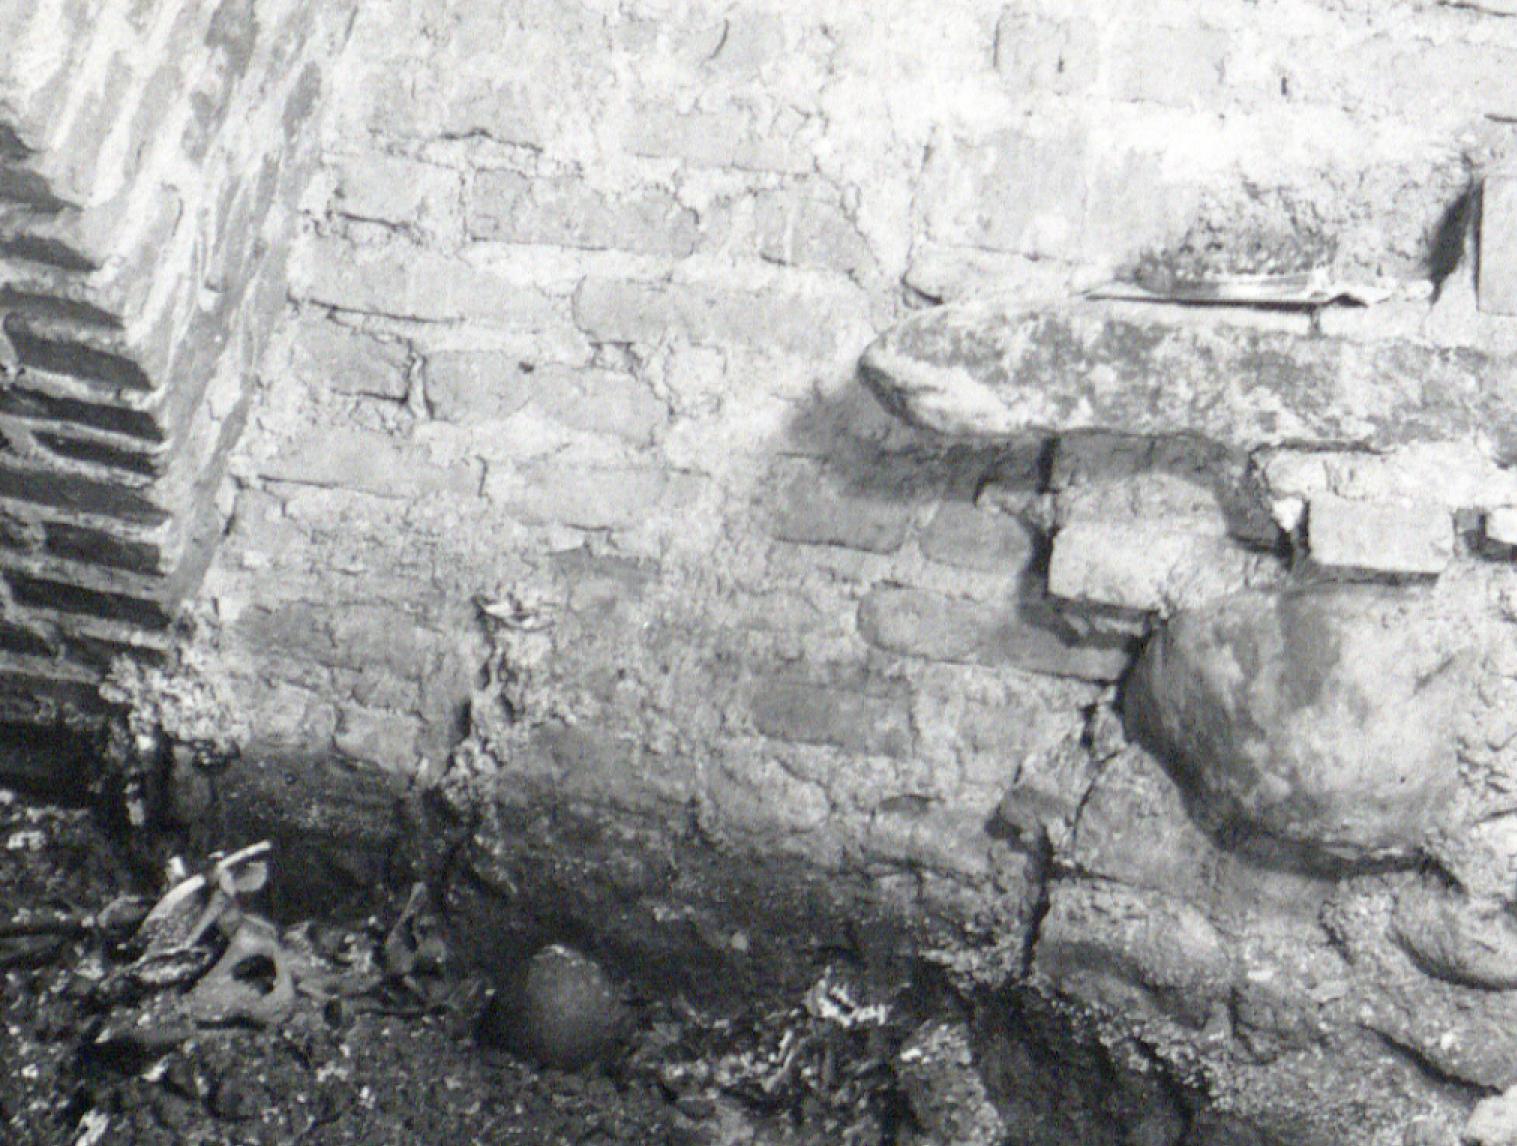 1 pav. Elžbietos Habsburgaitės palaikai ir insignijos. Nuotr. iš LVIA f.1135-3-308(1) (fragmentas)